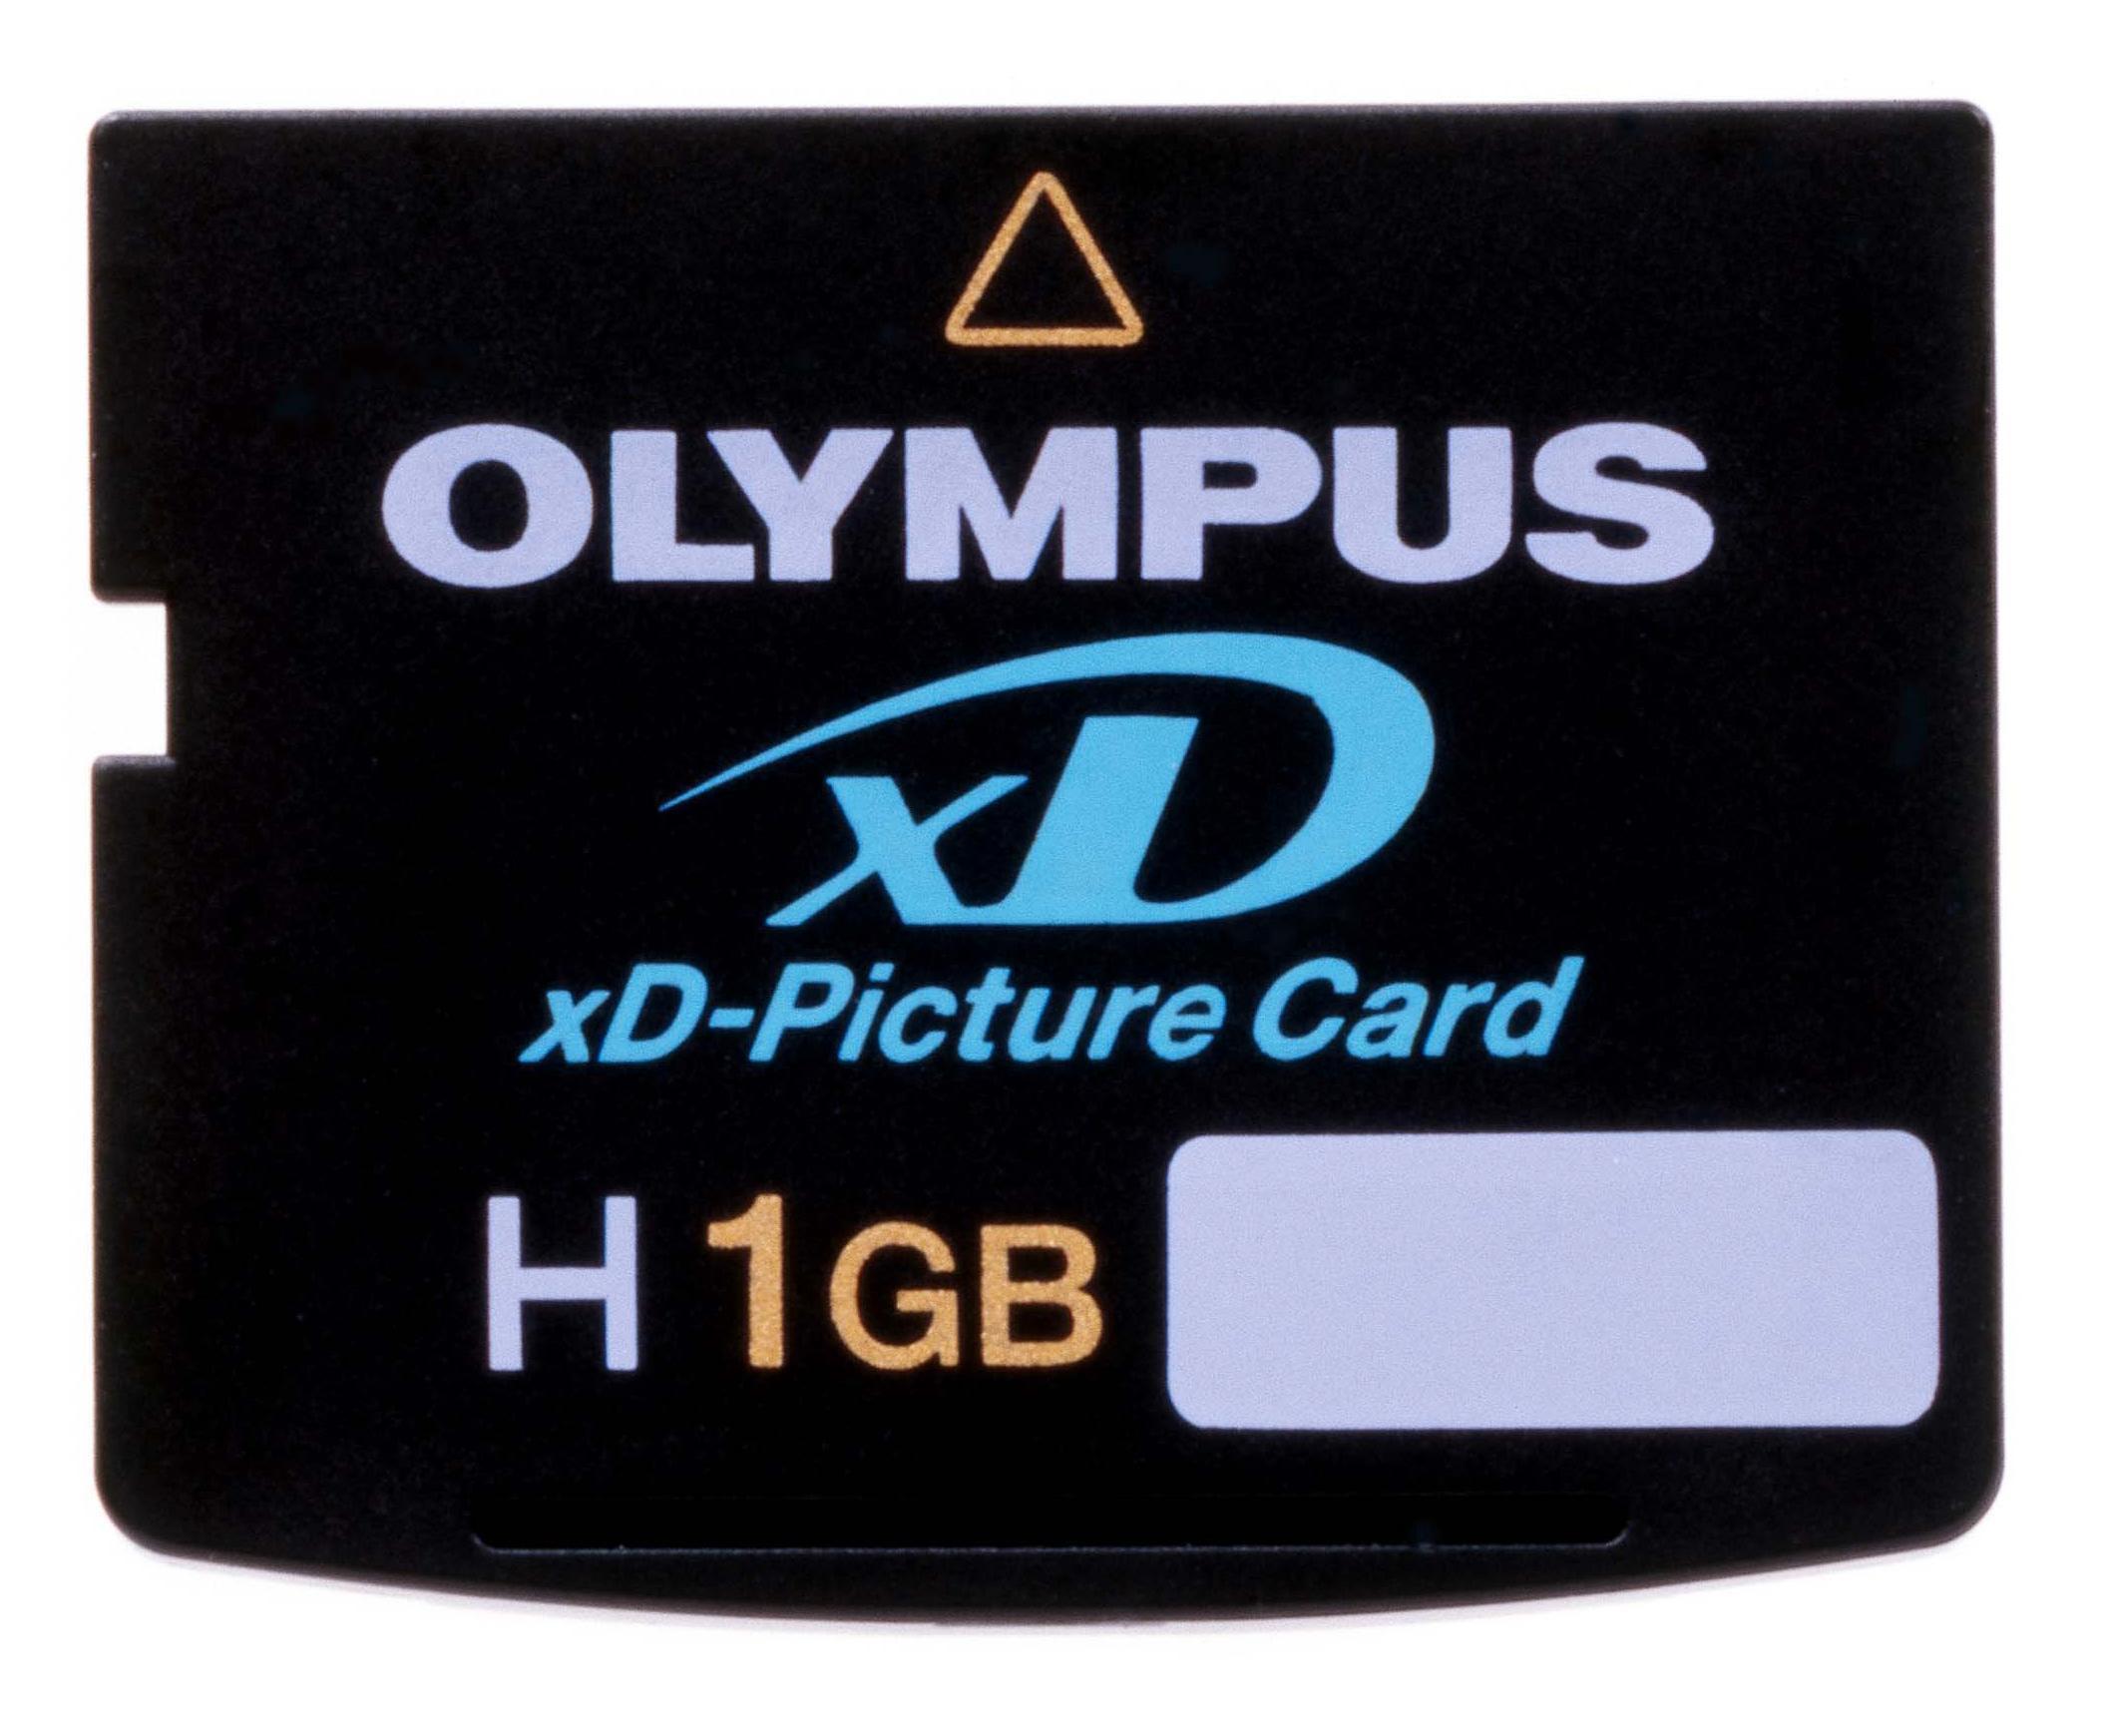 xD-Picture Card - over og ut?